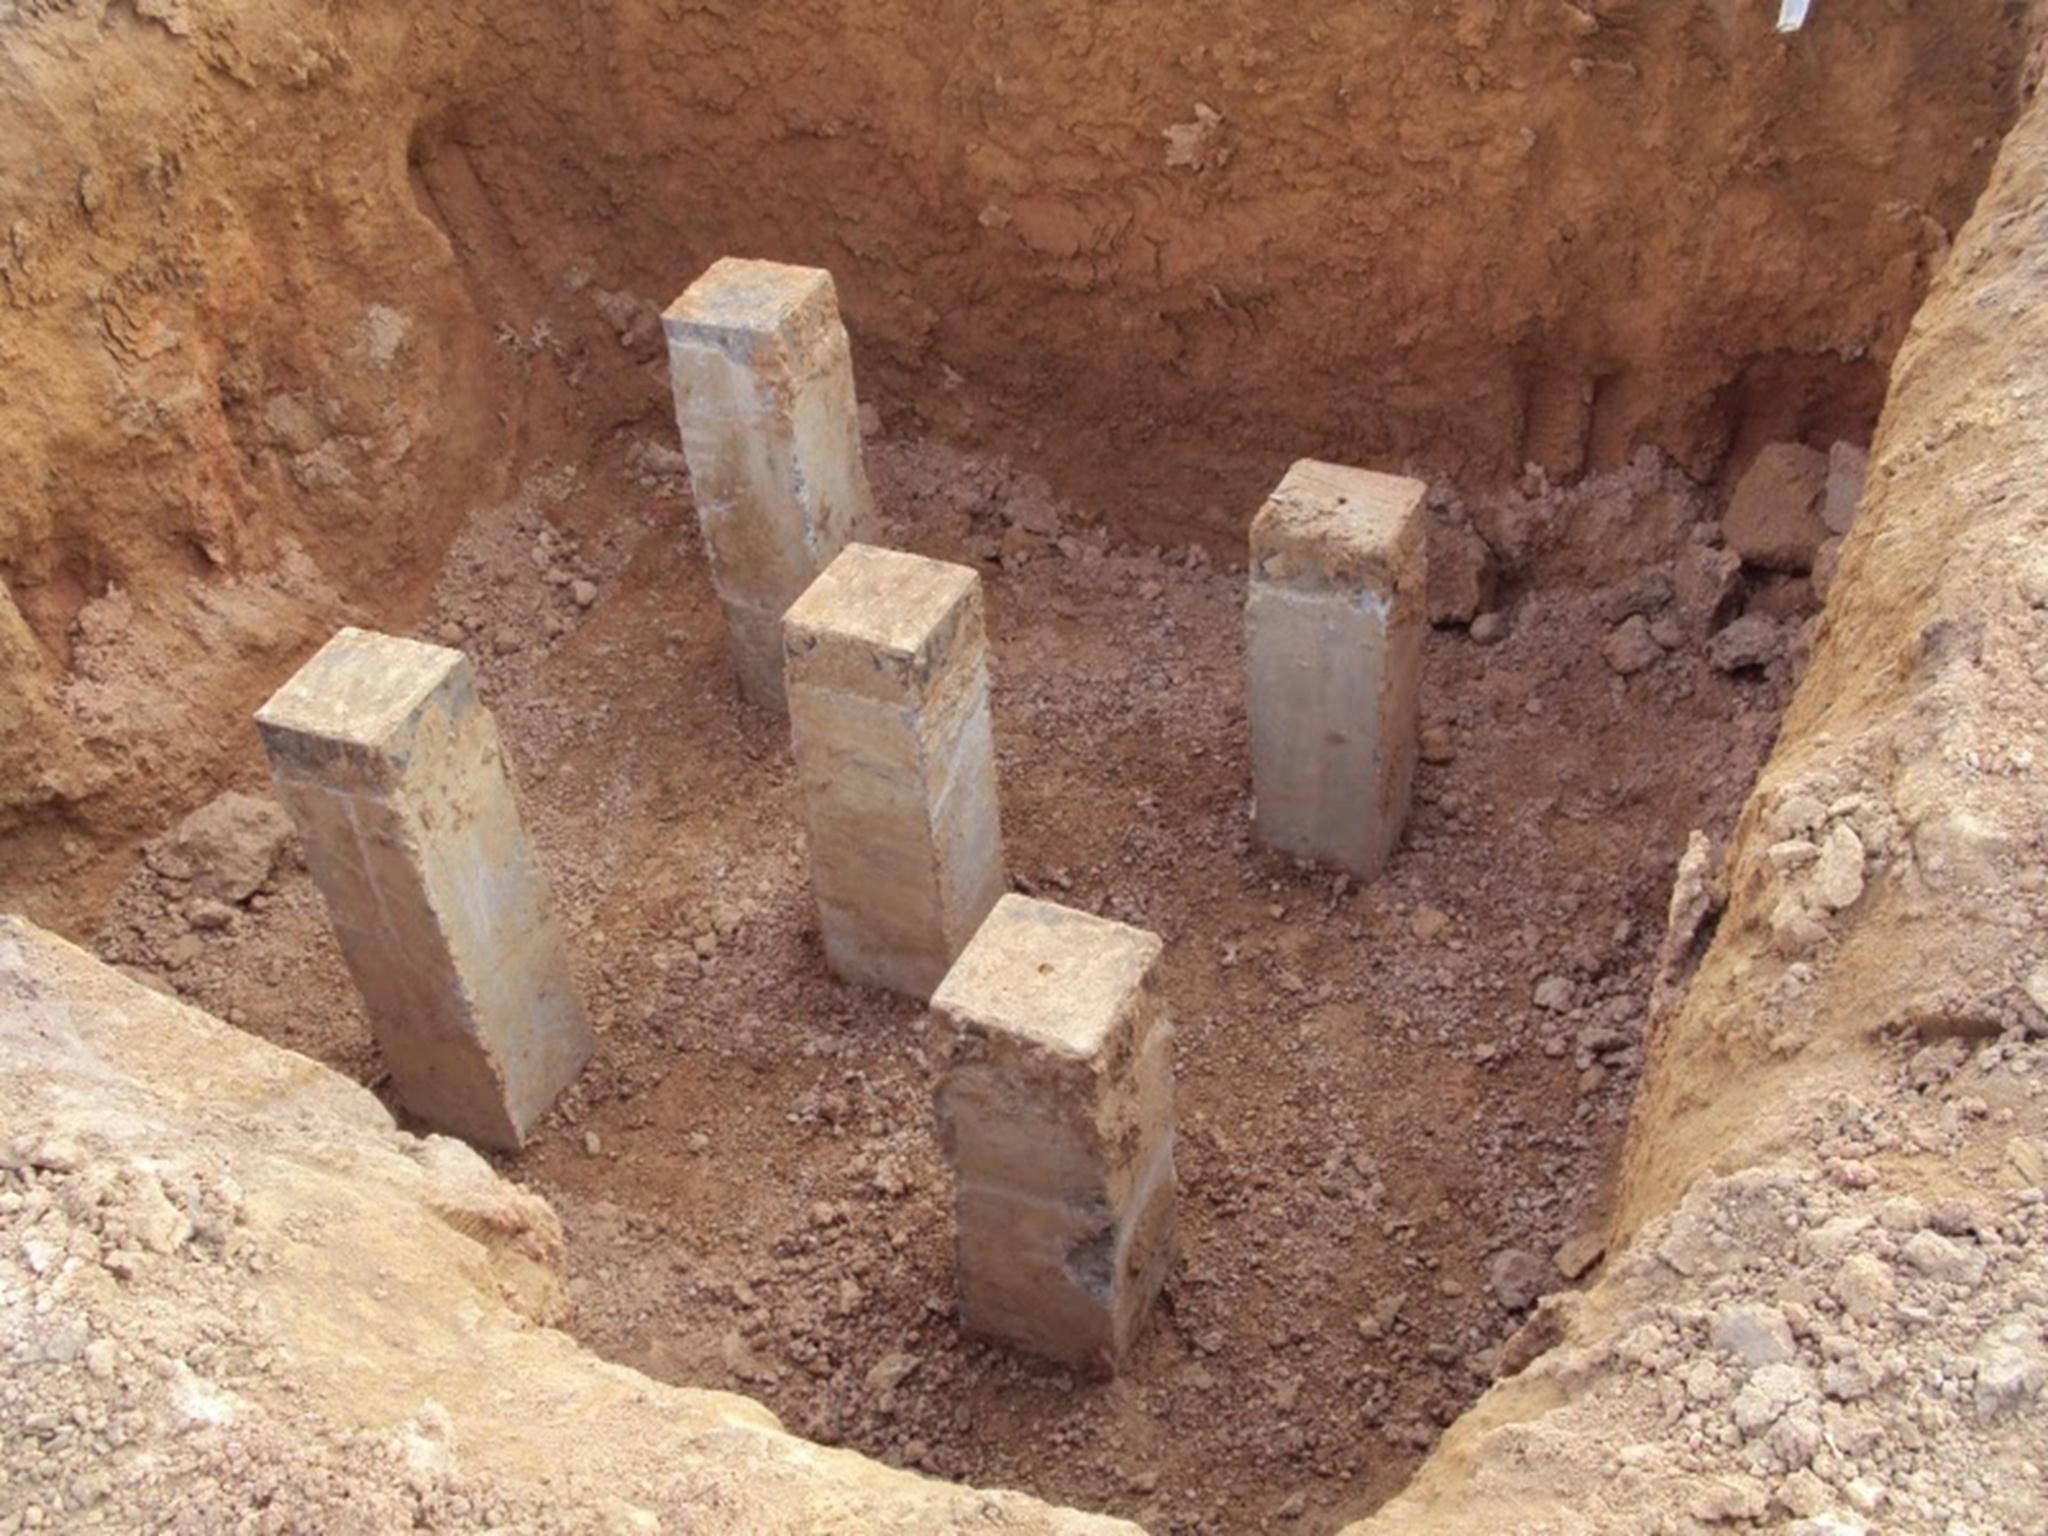 Cọc bê tông cốt thép được ép xuống nền đất